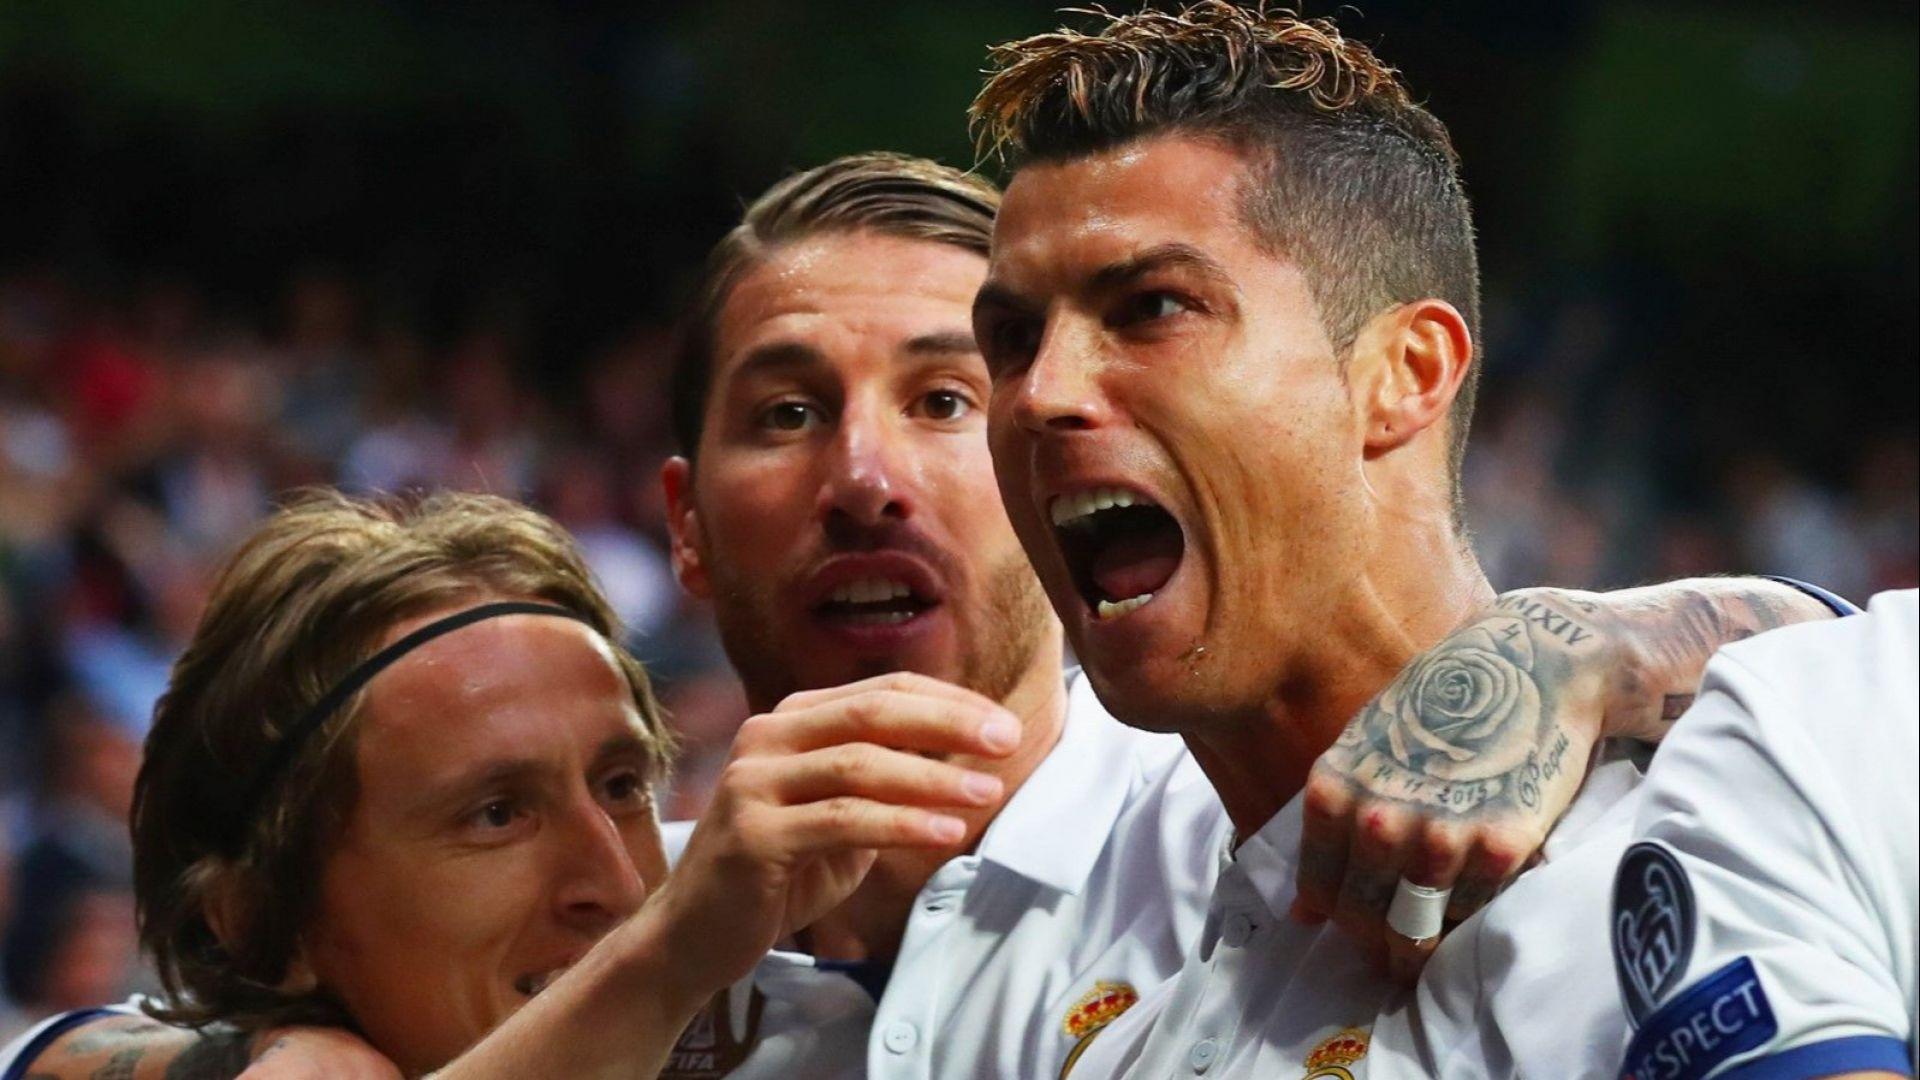 УЕФА обяви тримата кандидати за играч №1, Меси липсва